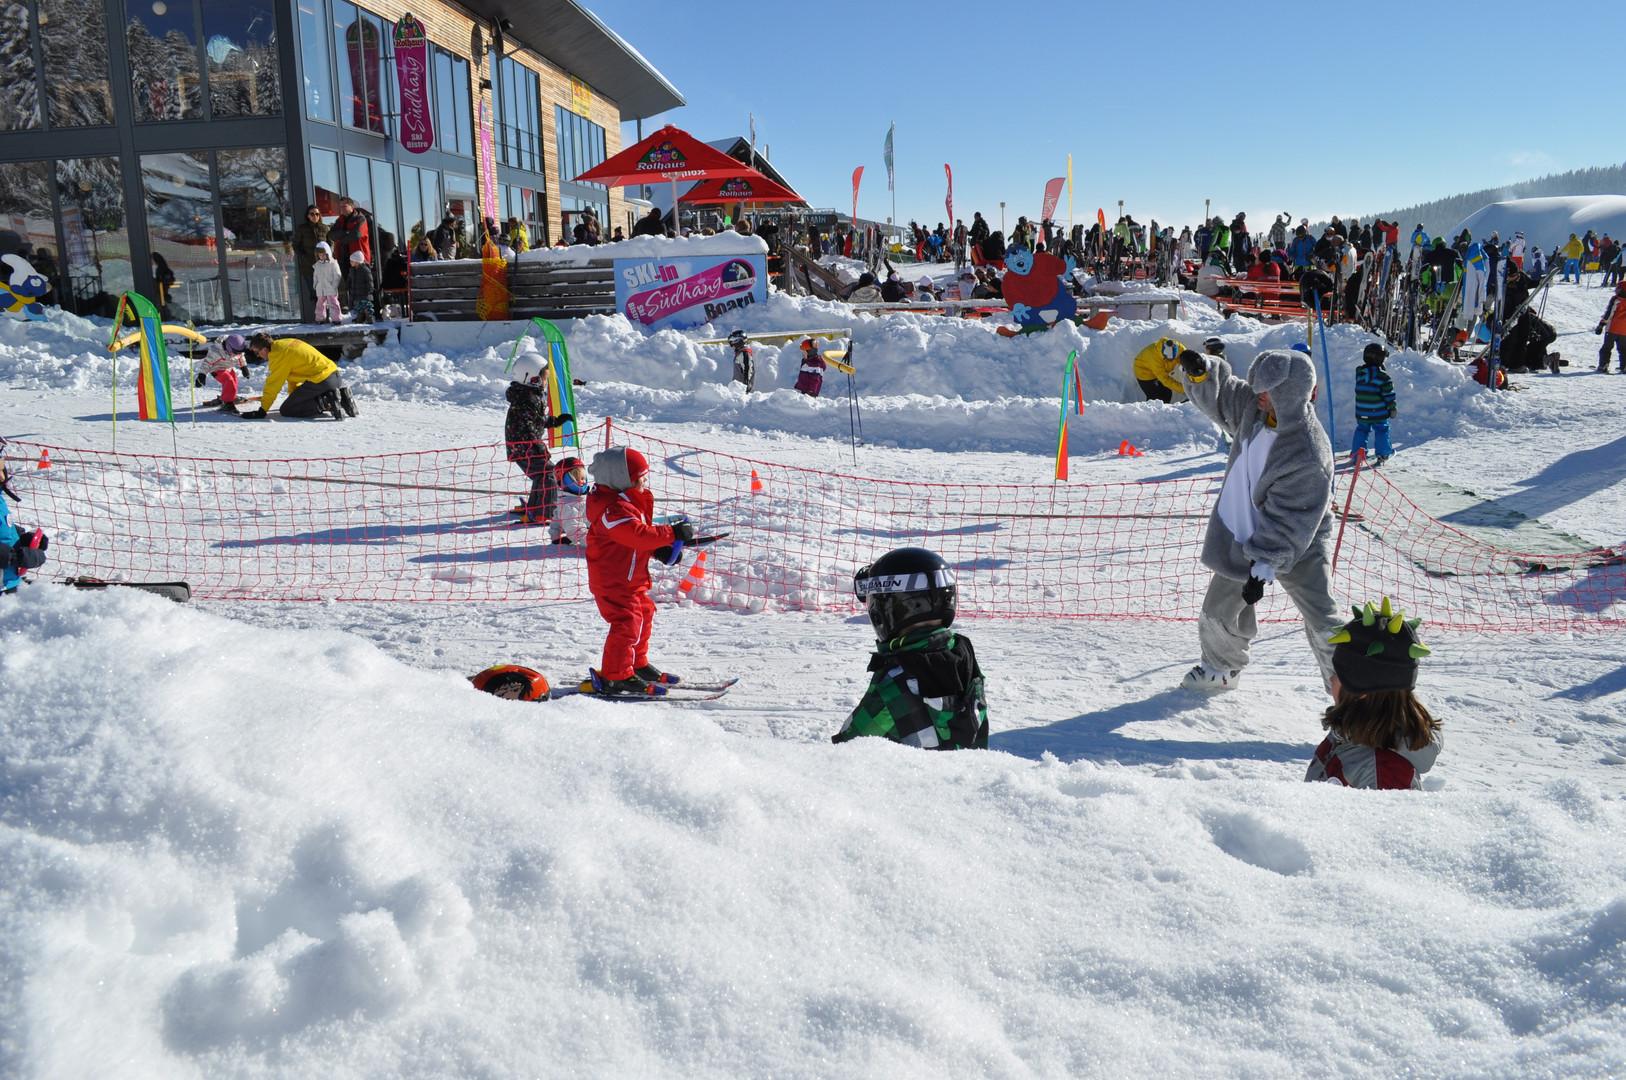 skischule_onsnow_feldberg__DSC_0226.JPG